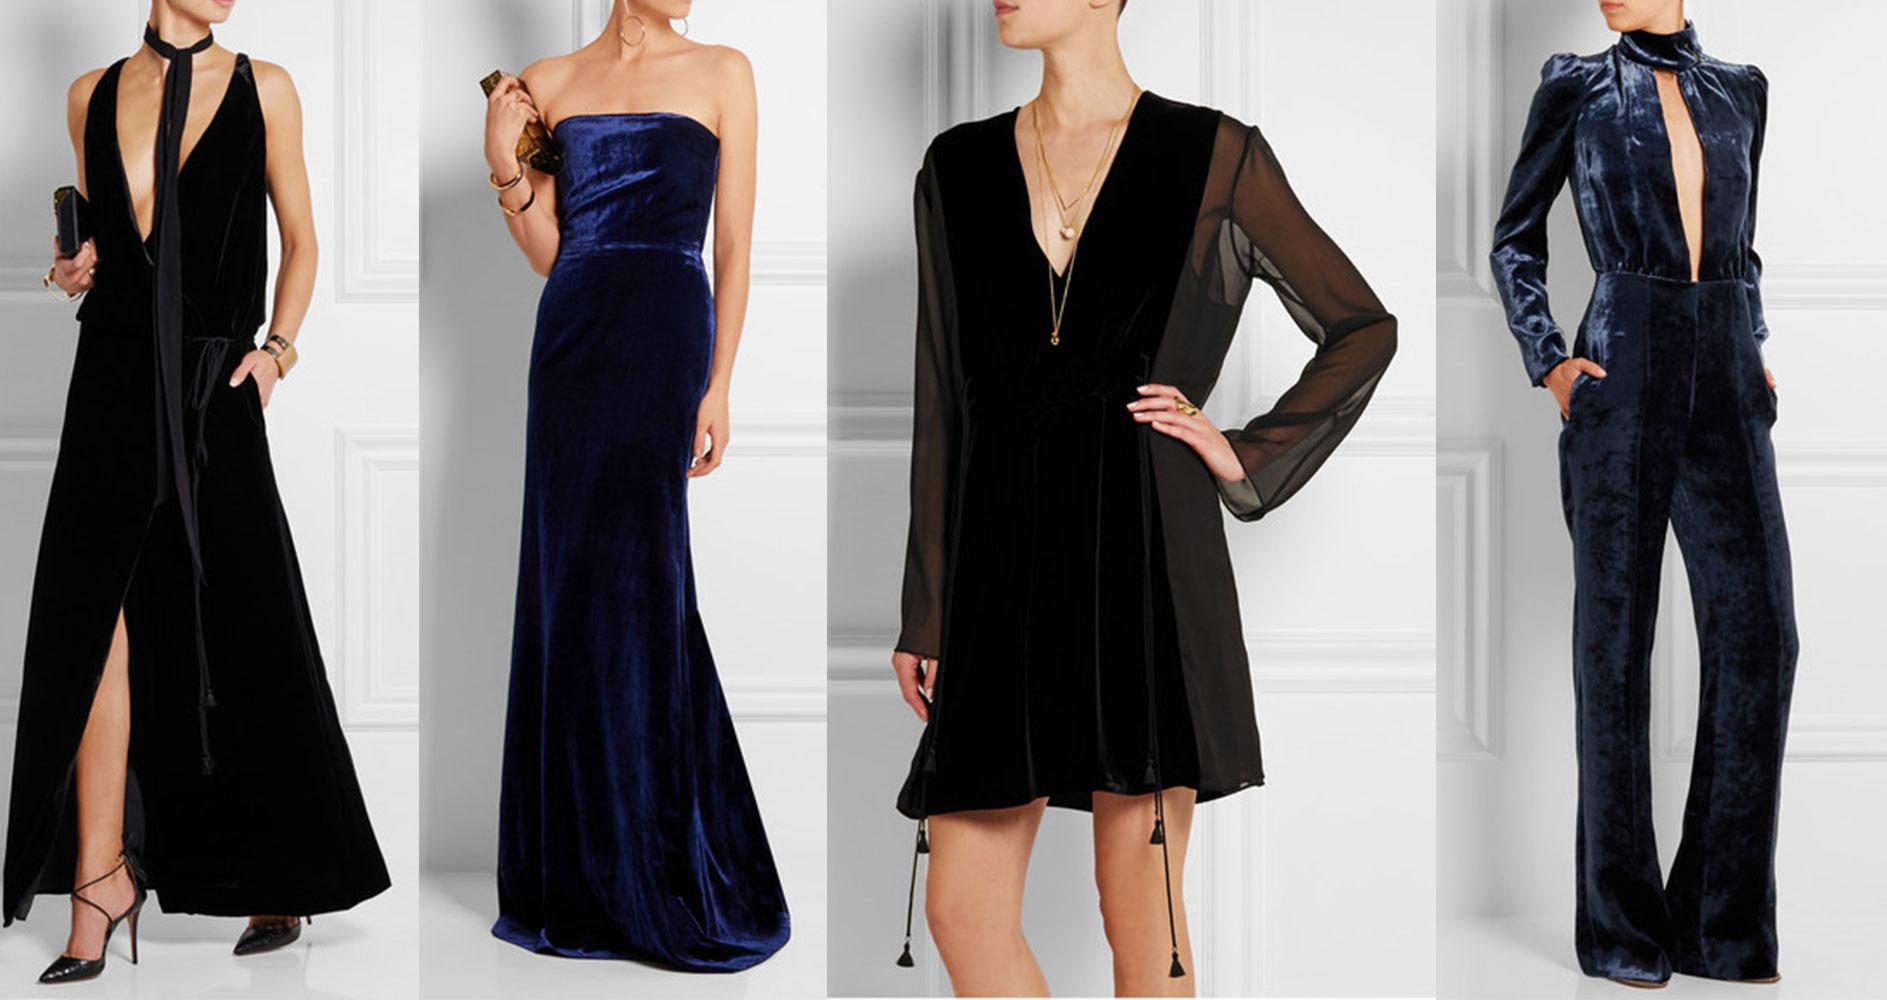 velvet_dresses_lux